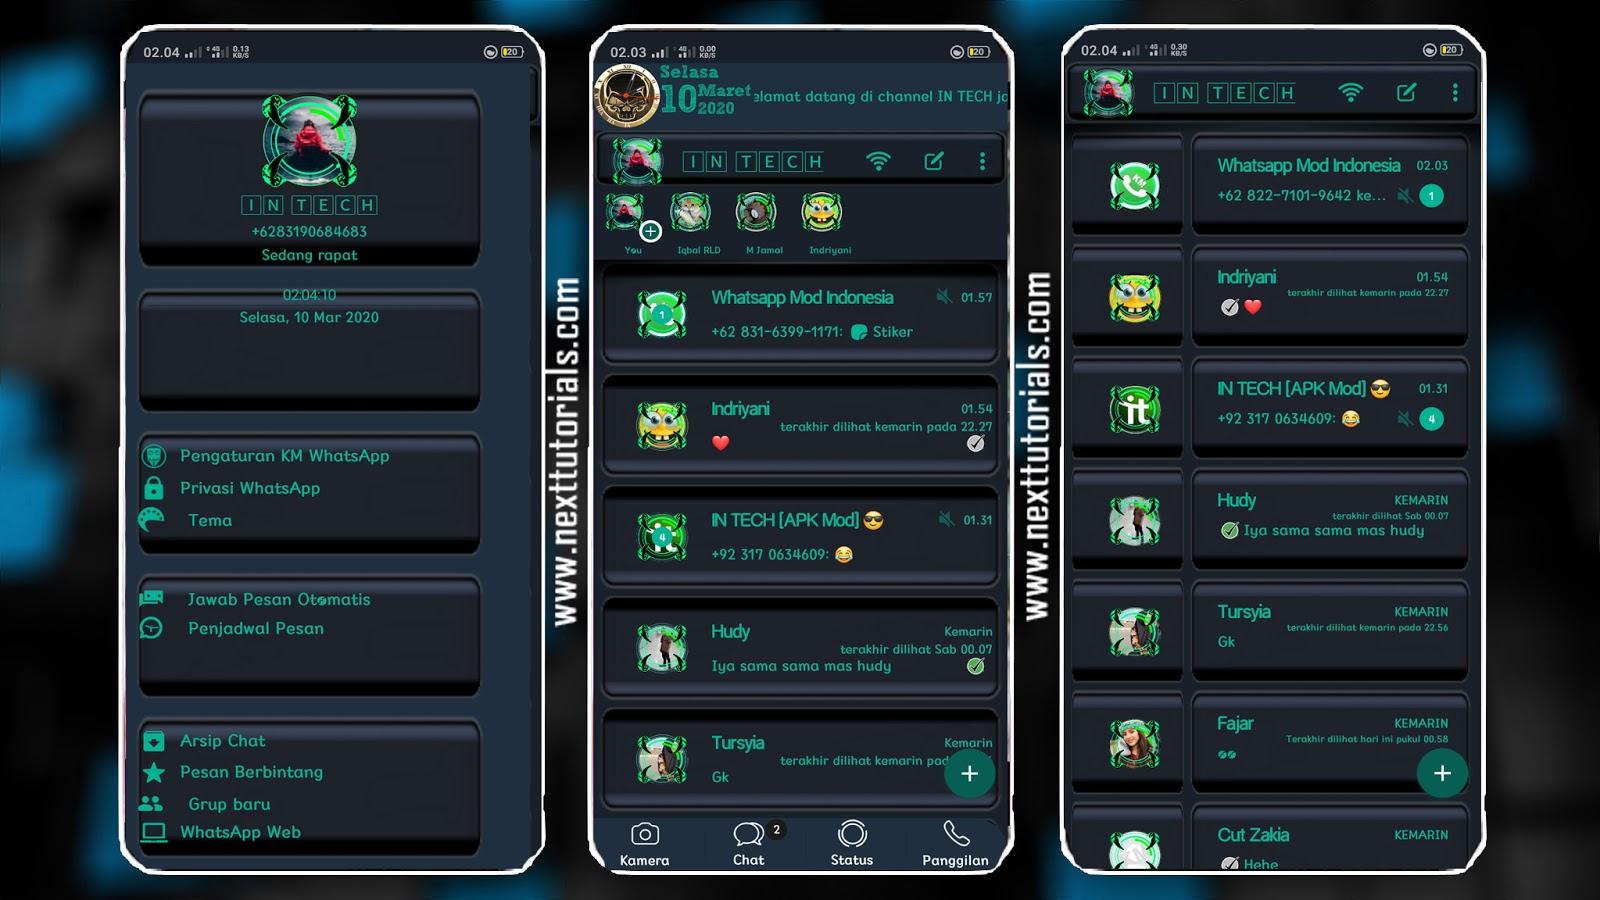 Kumpulan Tema KM WhatsApp Tampilan Keren 2020 - Next ...